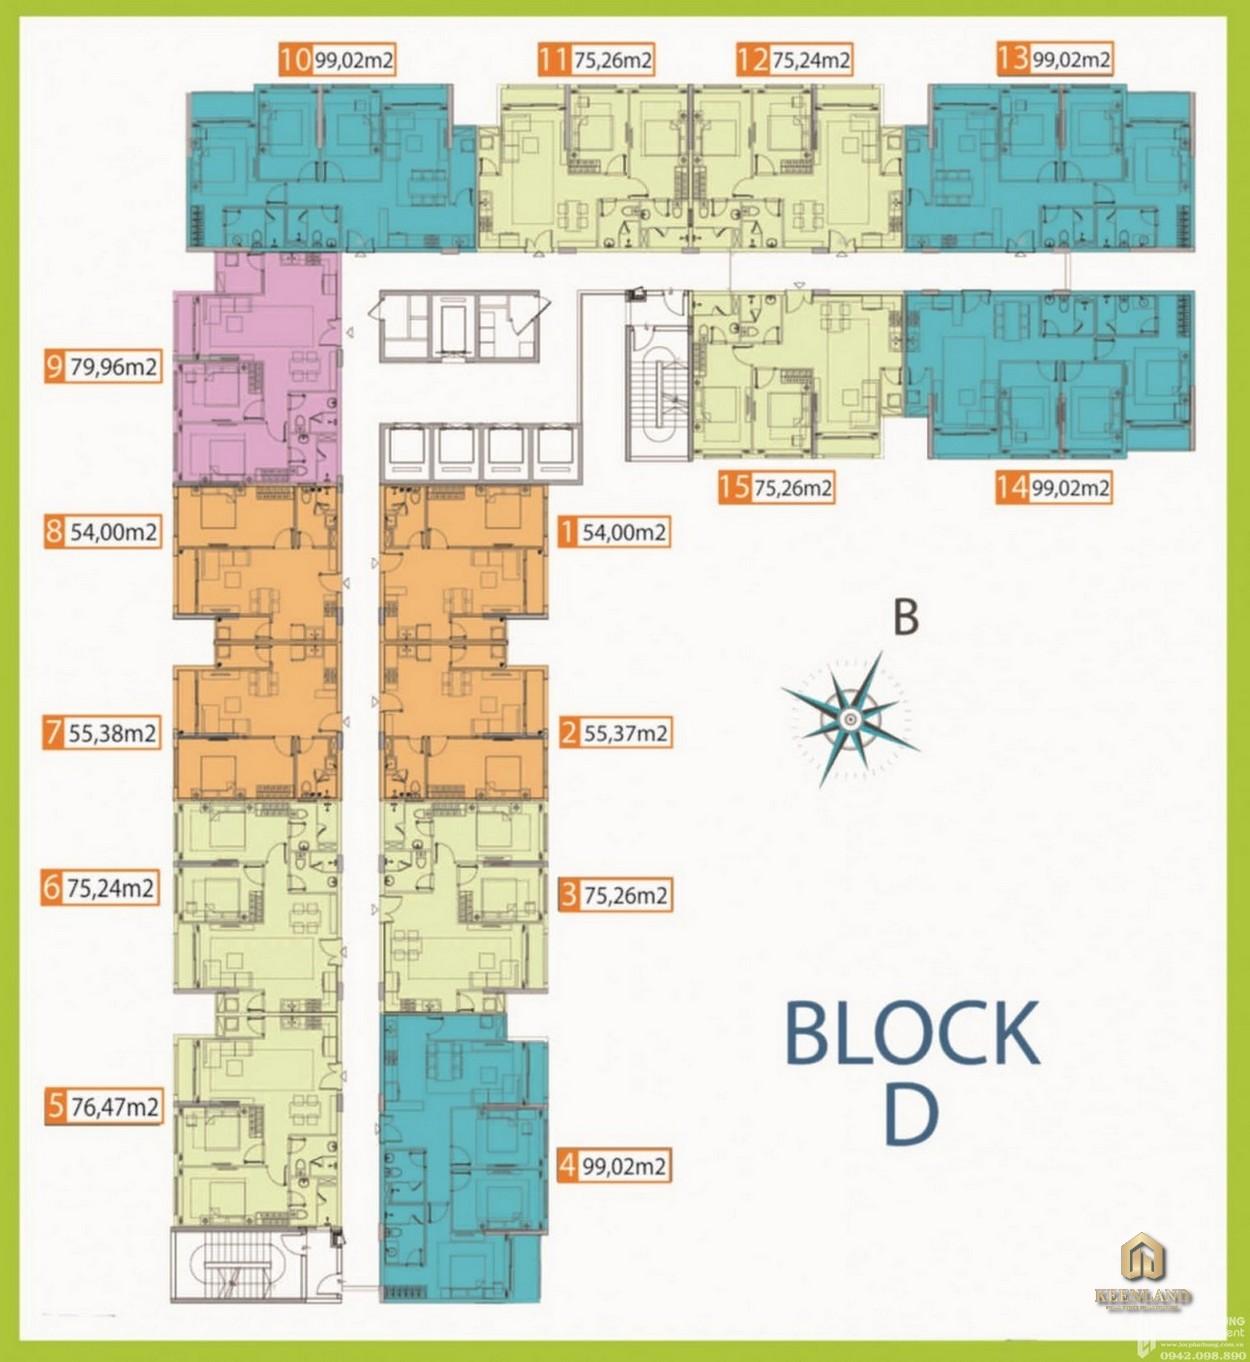 Mặt bằng Block D dự án Palacio Garden